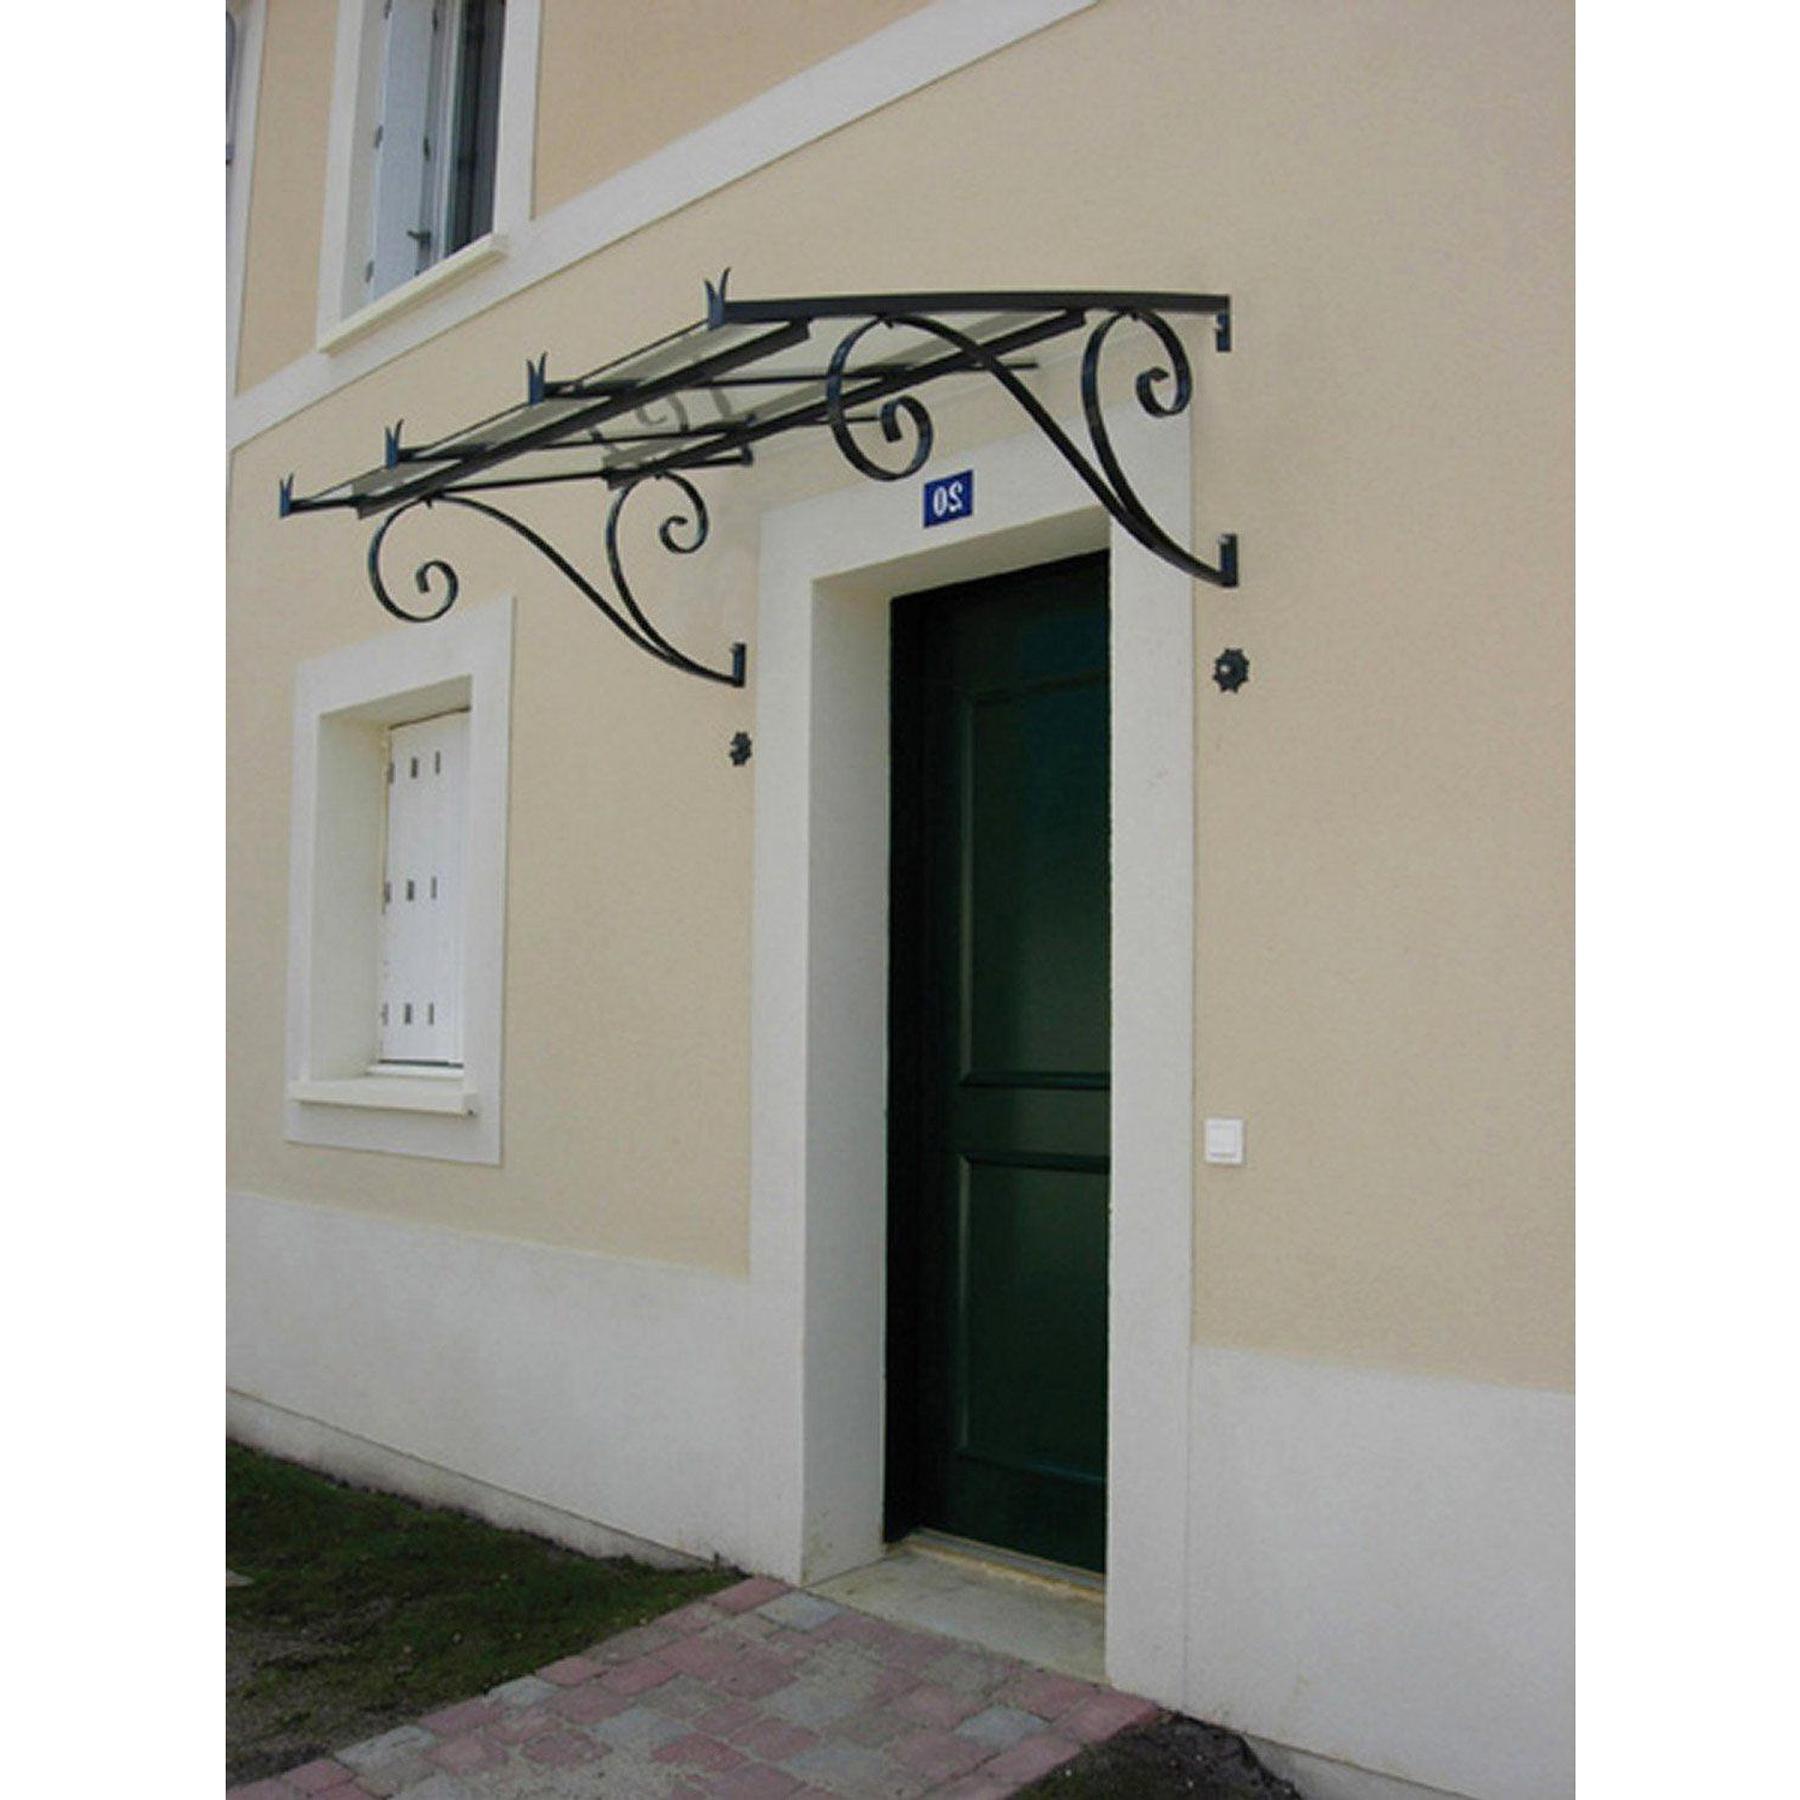 Bellhouse Coperture Auvent En Fer Ricciolo Classica P 90 H ... dedans Maison De Jardin Jouet